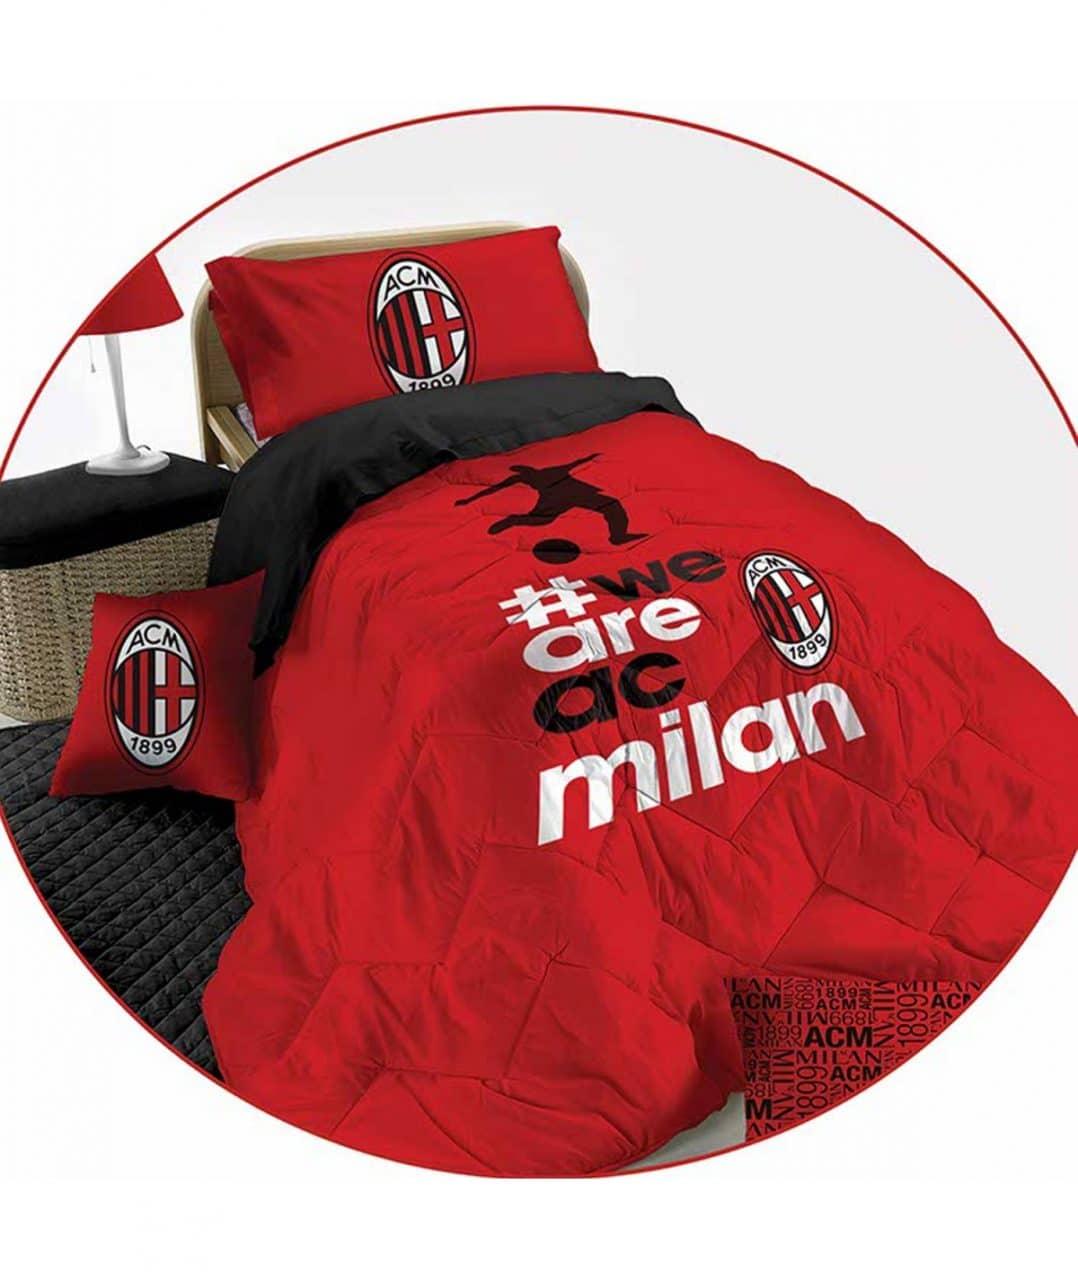 Copripiumino Milan Singolo.Trapunta Piumone Microfibra Ac Milan Ufficiale Letto Singolo 1